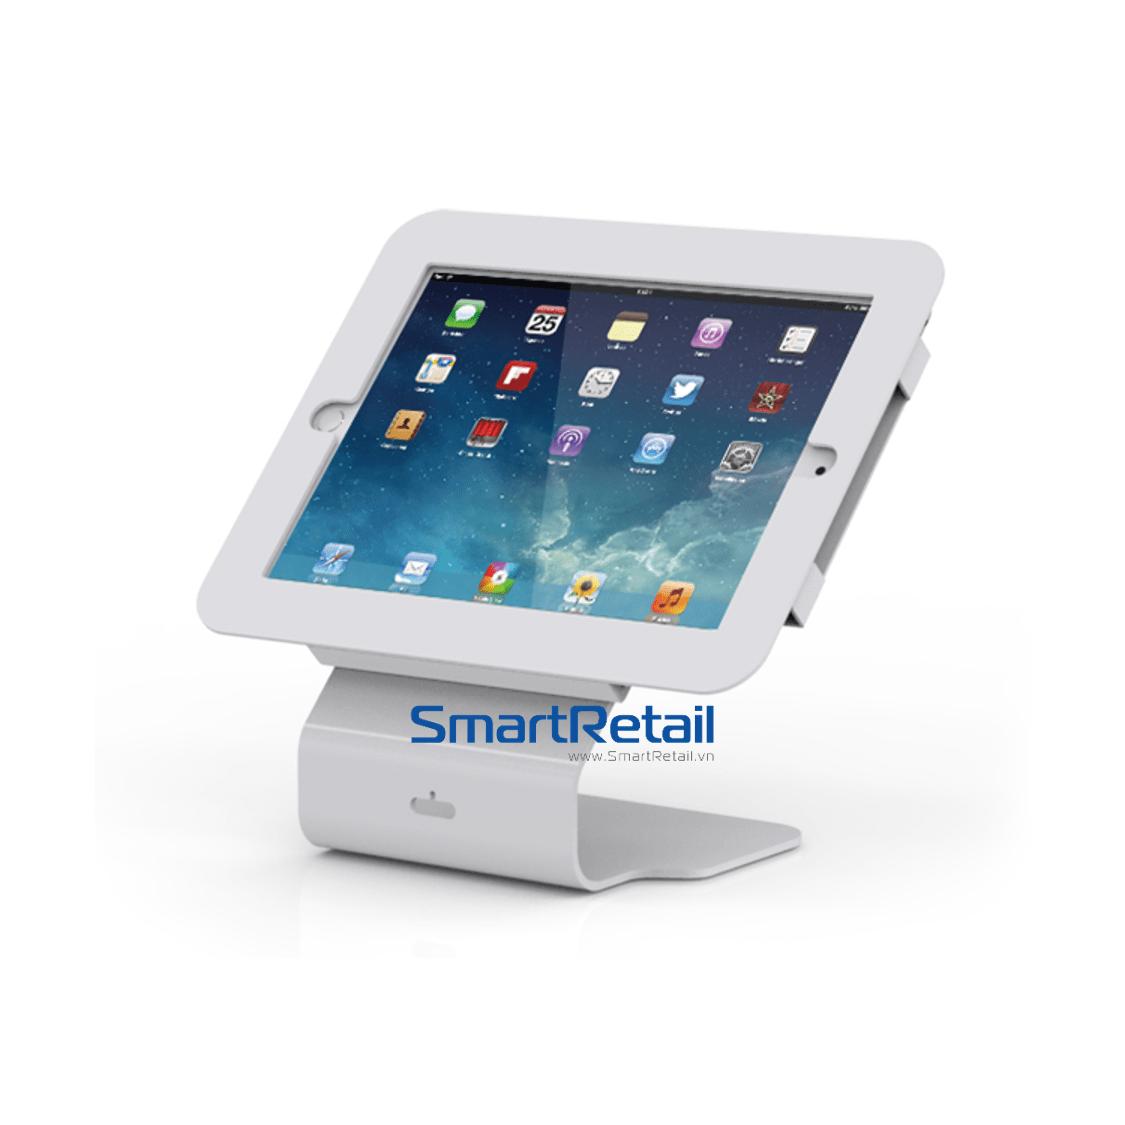 SmartRetail Thiet bi bao ve Tablet SC101 1